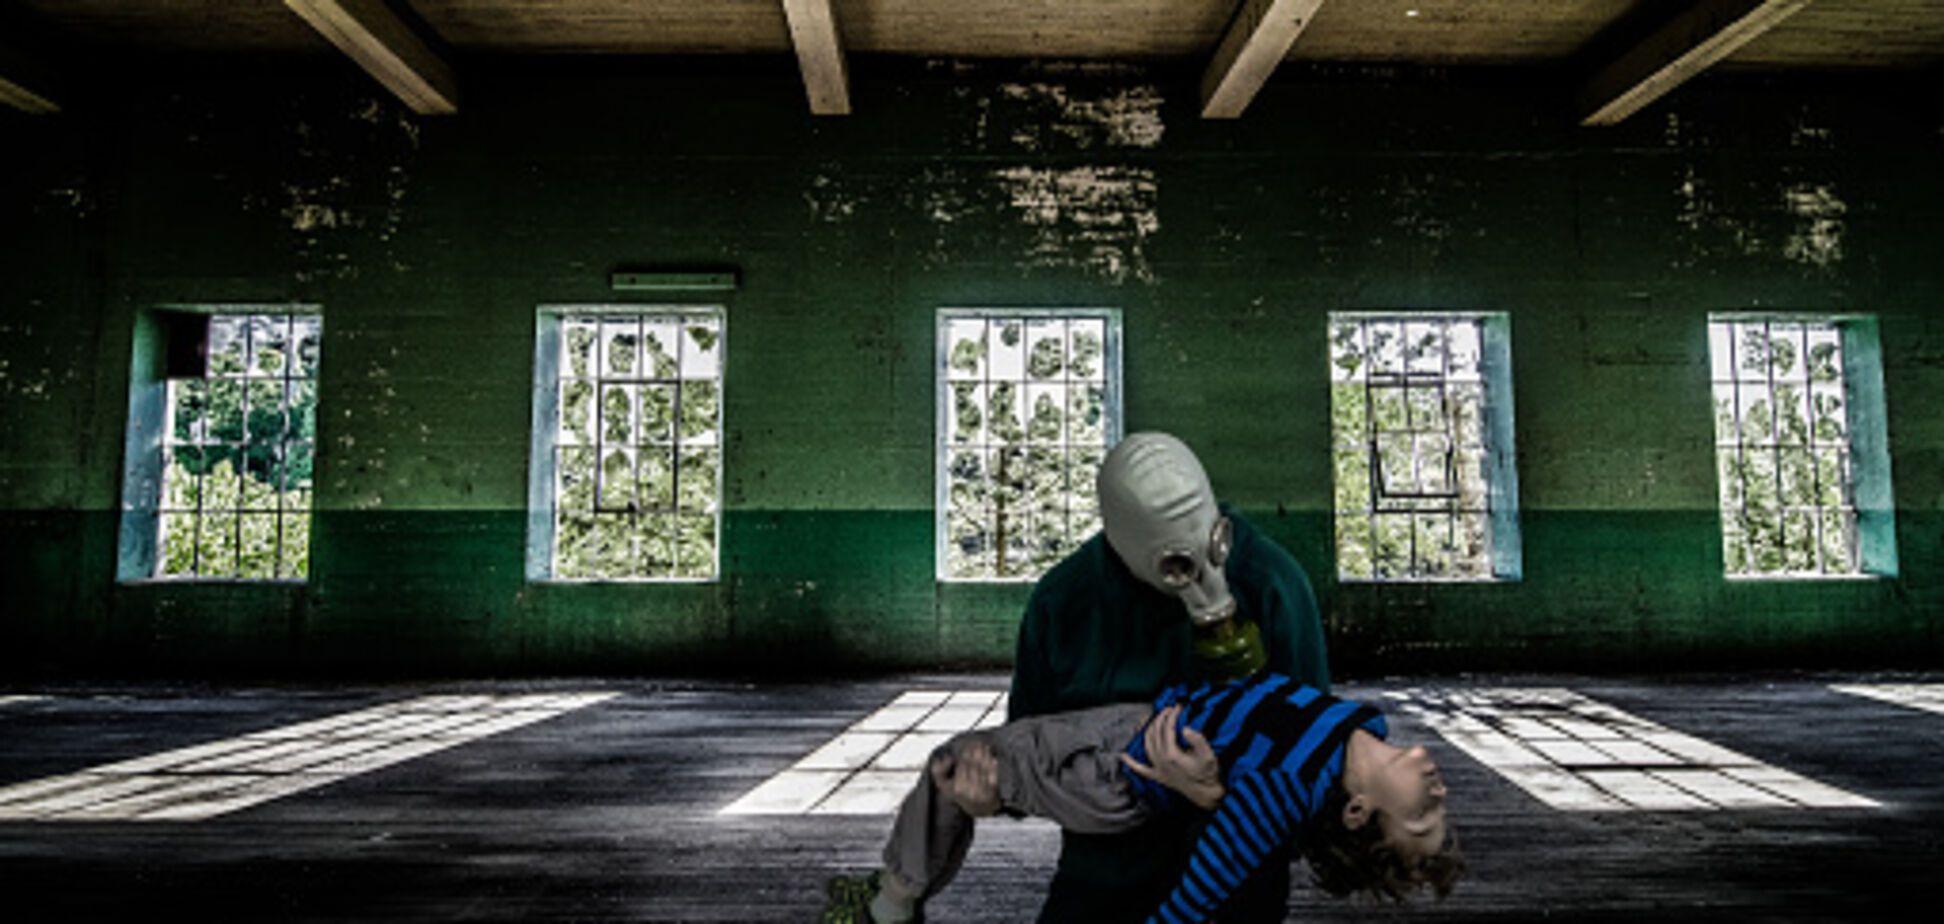 'Похоронят в ядерной могиле': на Донбассе реализовали безумное пророчество